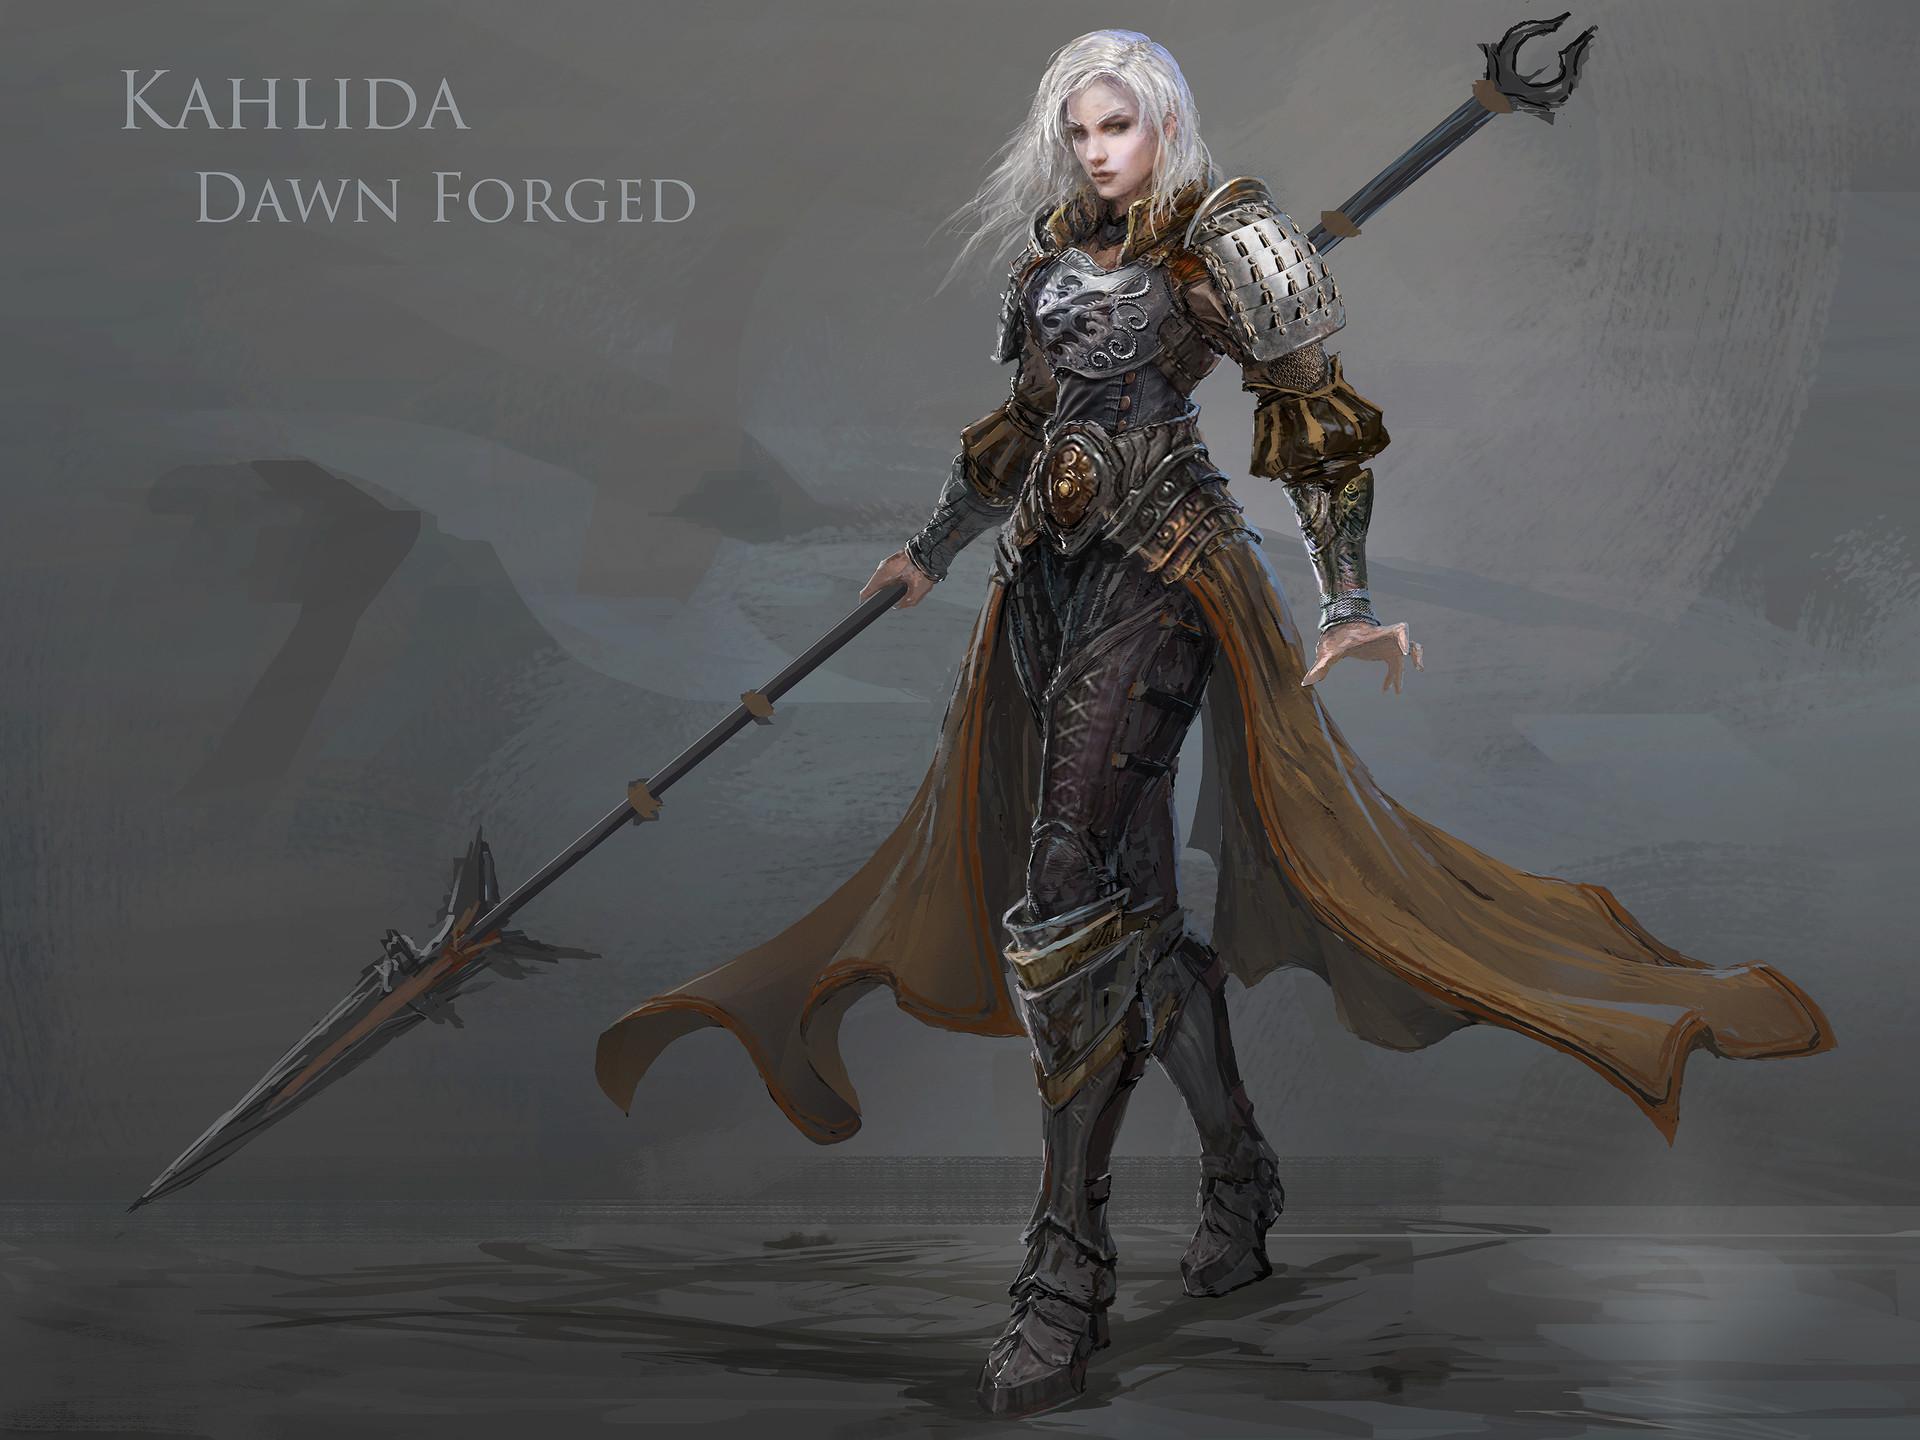 Kahlida Dawnforged